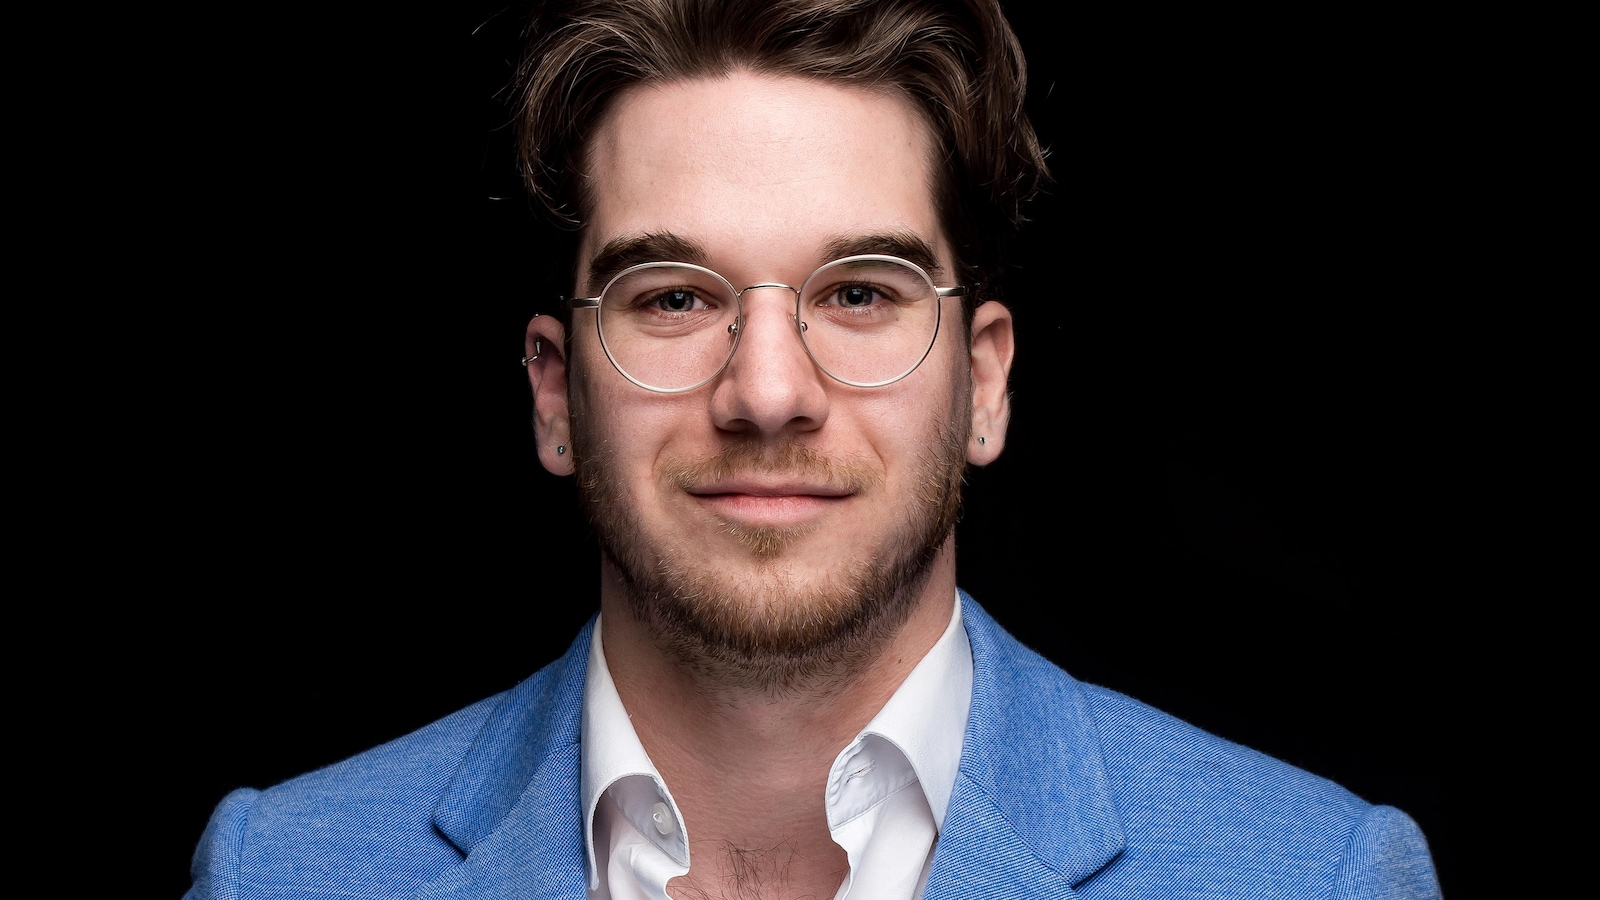 Jean-François Daoust, doctorant en science politique à l'Université de Montréal et chercheur associé au Centre pour l'étude de la citoyenneté démocratique